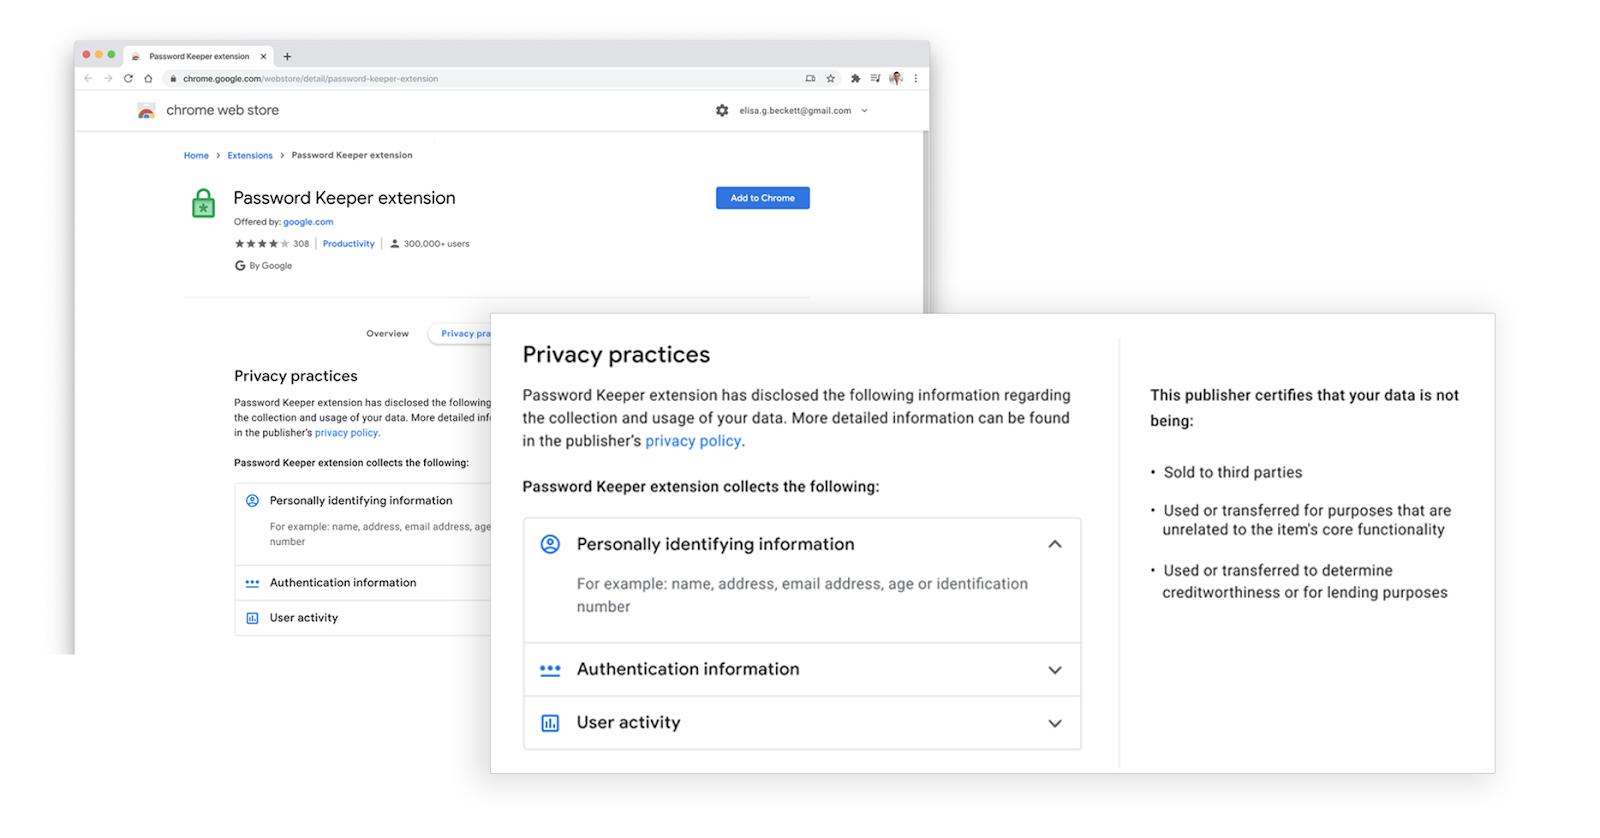 Présentation des données collectées en trois parties : données personnelles, information d'authentification, activité de l'utilisateur